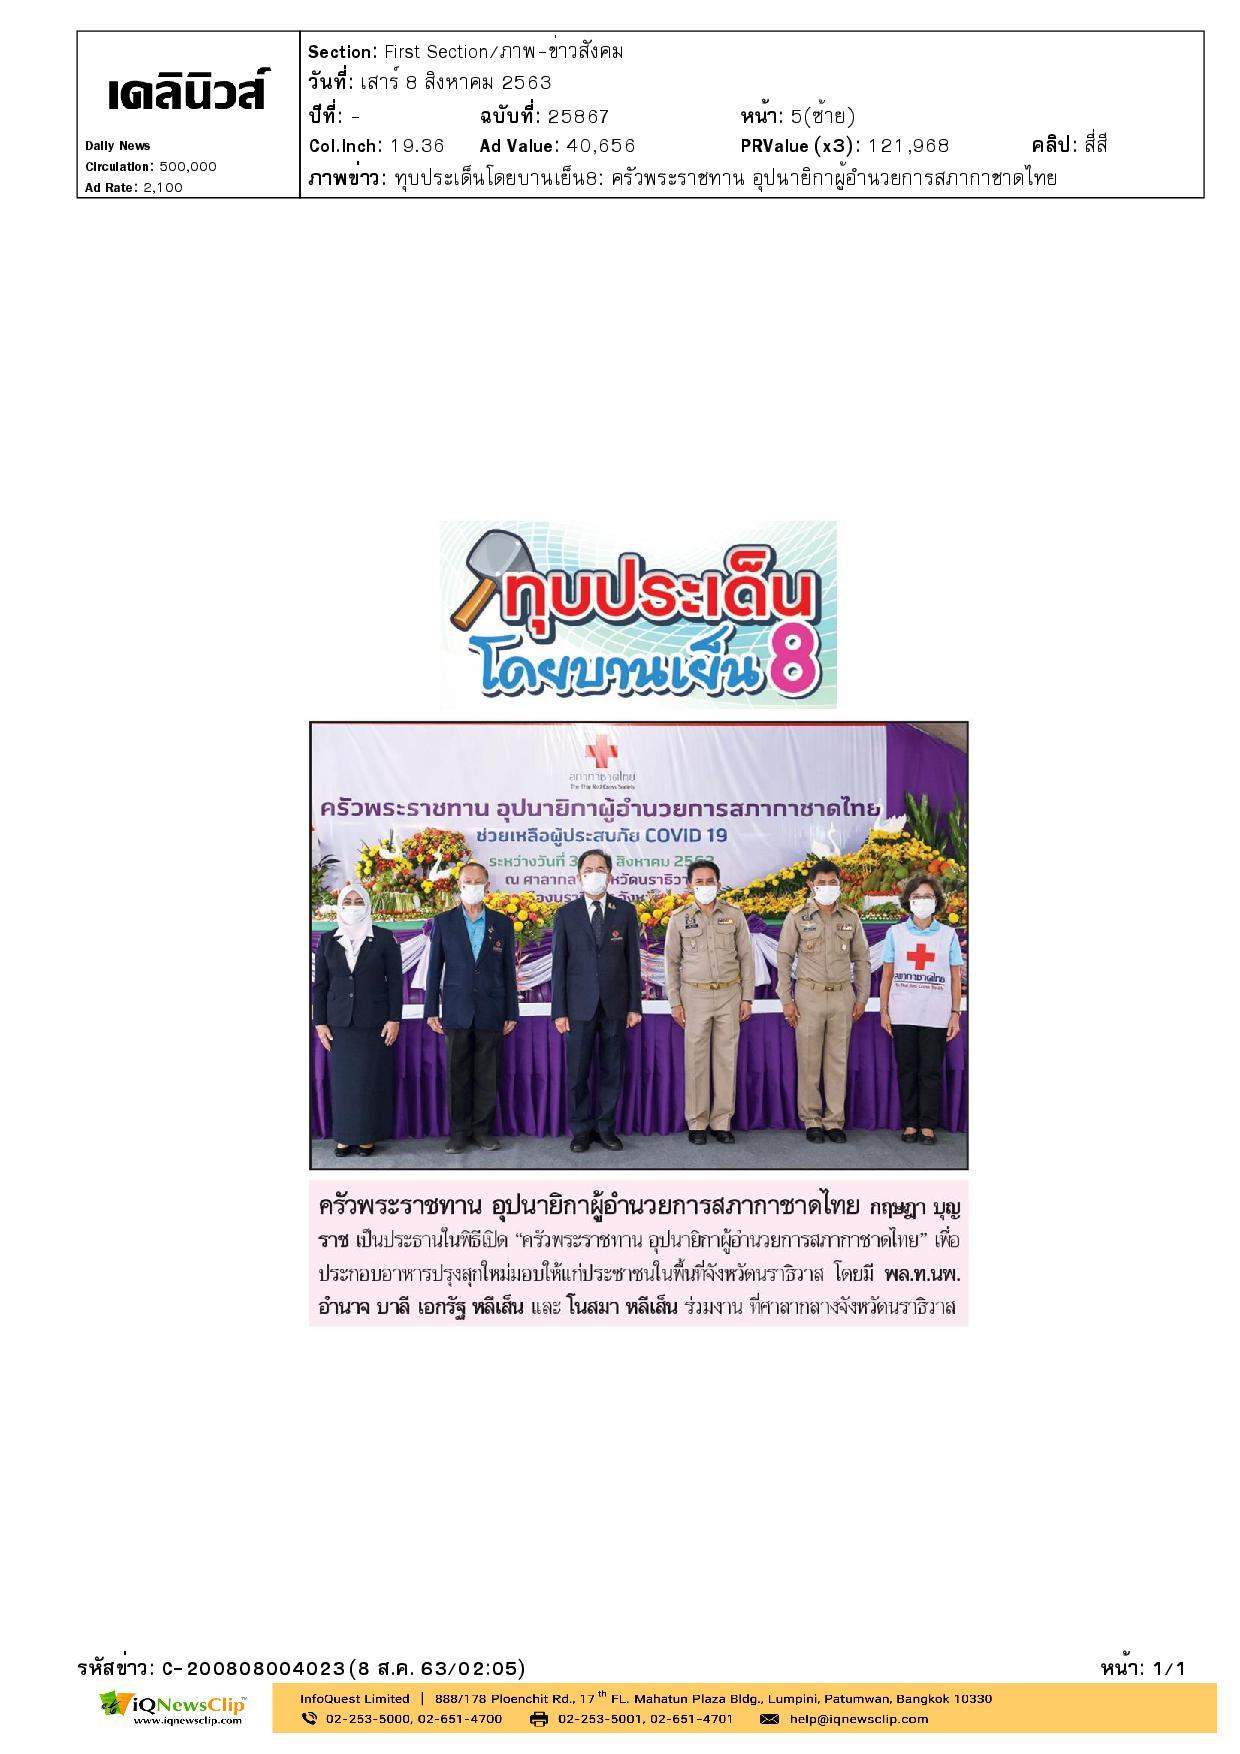 """""""ครัวพระราชทาน อุปนายิกาผู้อำนวยการสภากาชาดไทย"""